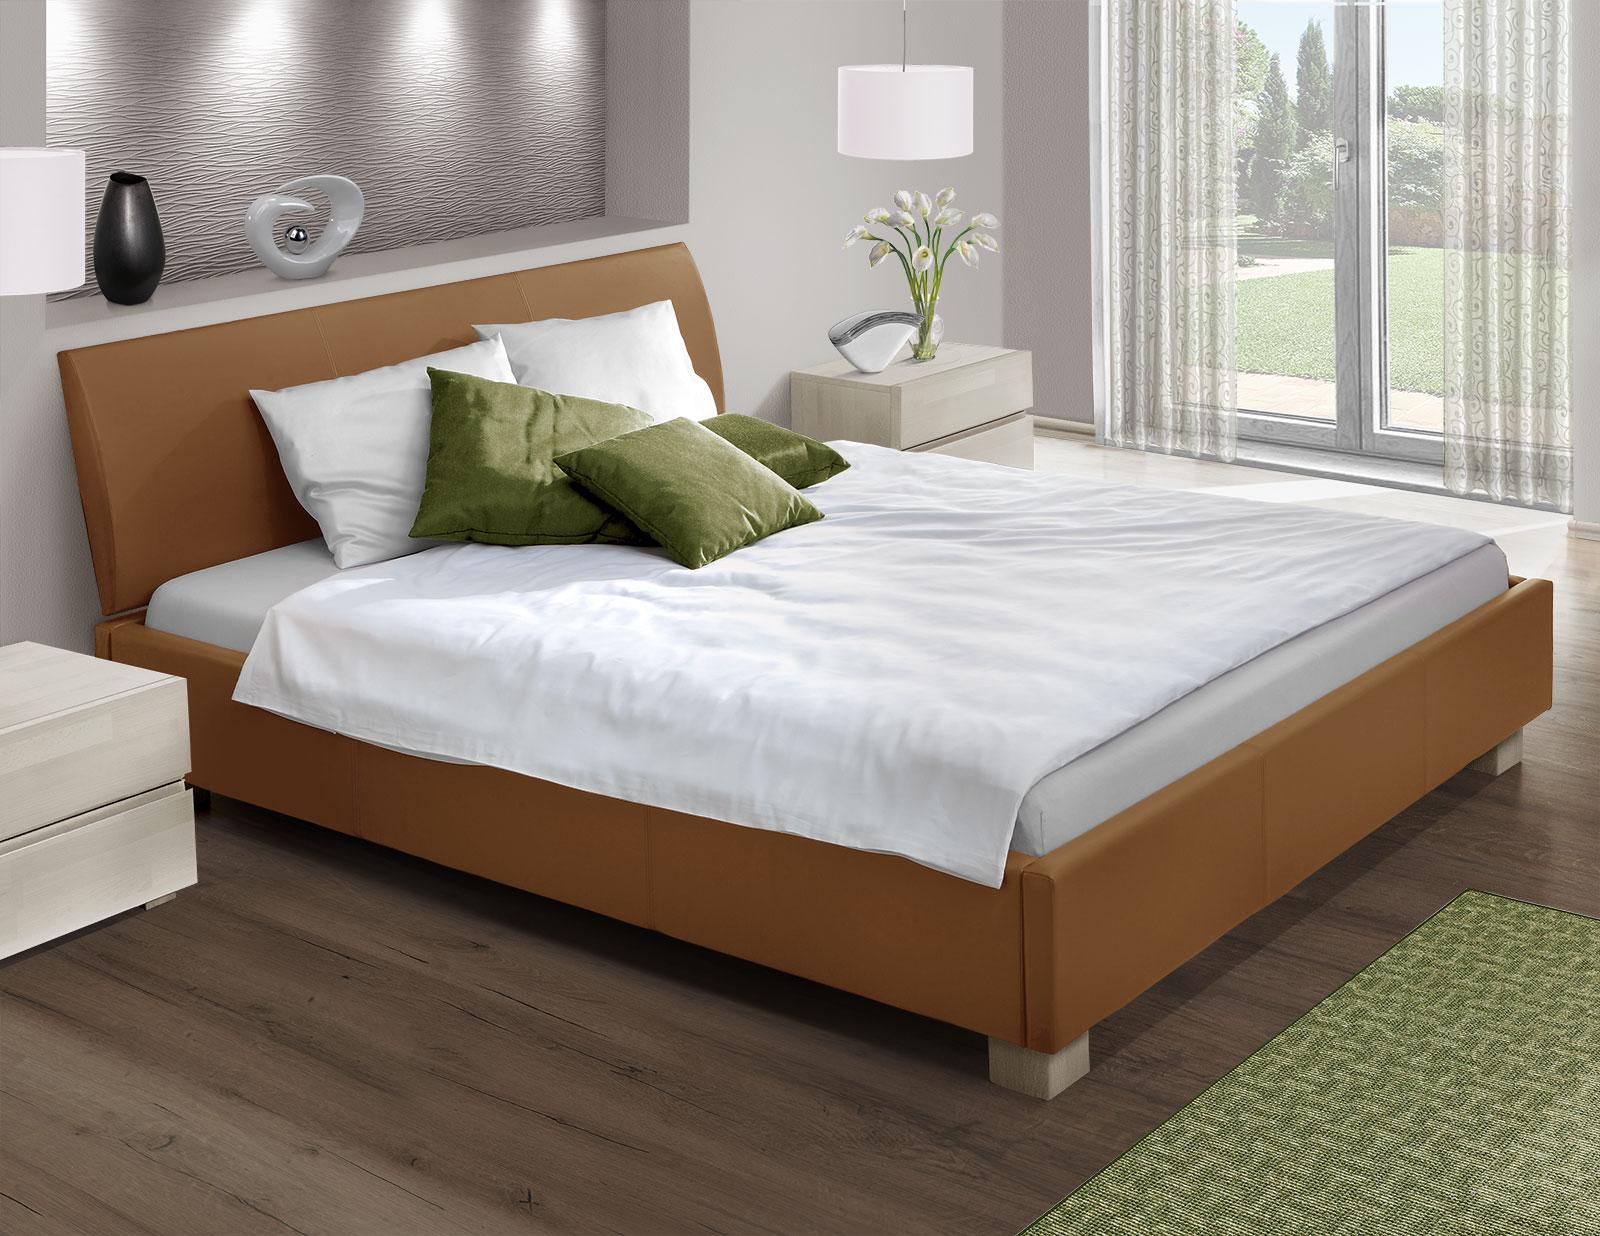 Bett mit echtleder z b in schwarz 180x200 cm serpa for Bett 140x220 mit matratze